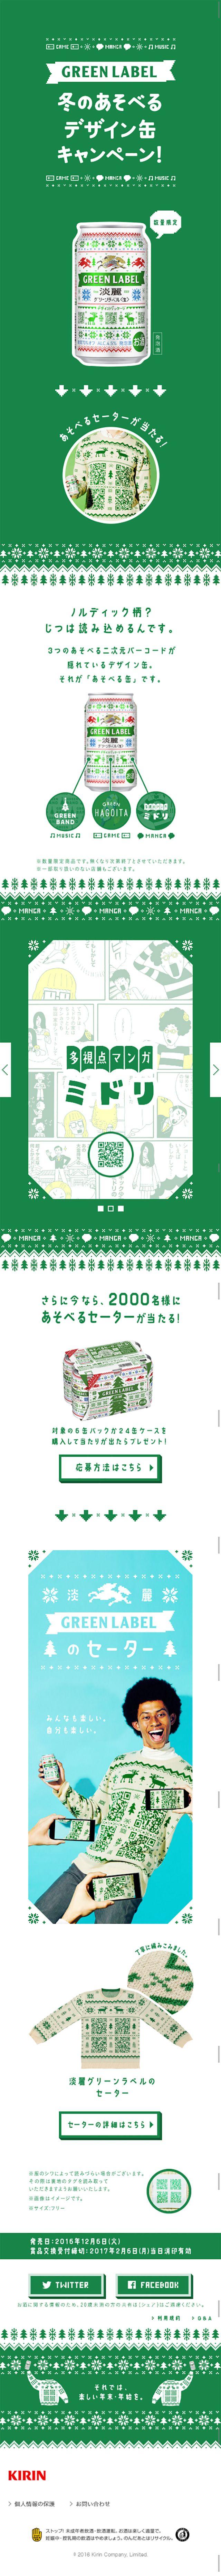 冬のあそべるデザイン缶キャンペーン!【飲料・お酒関連】のLPデザイン。WEBデザイナーさん必見!スマホランディングページのデザイン参考に(かわいい系)